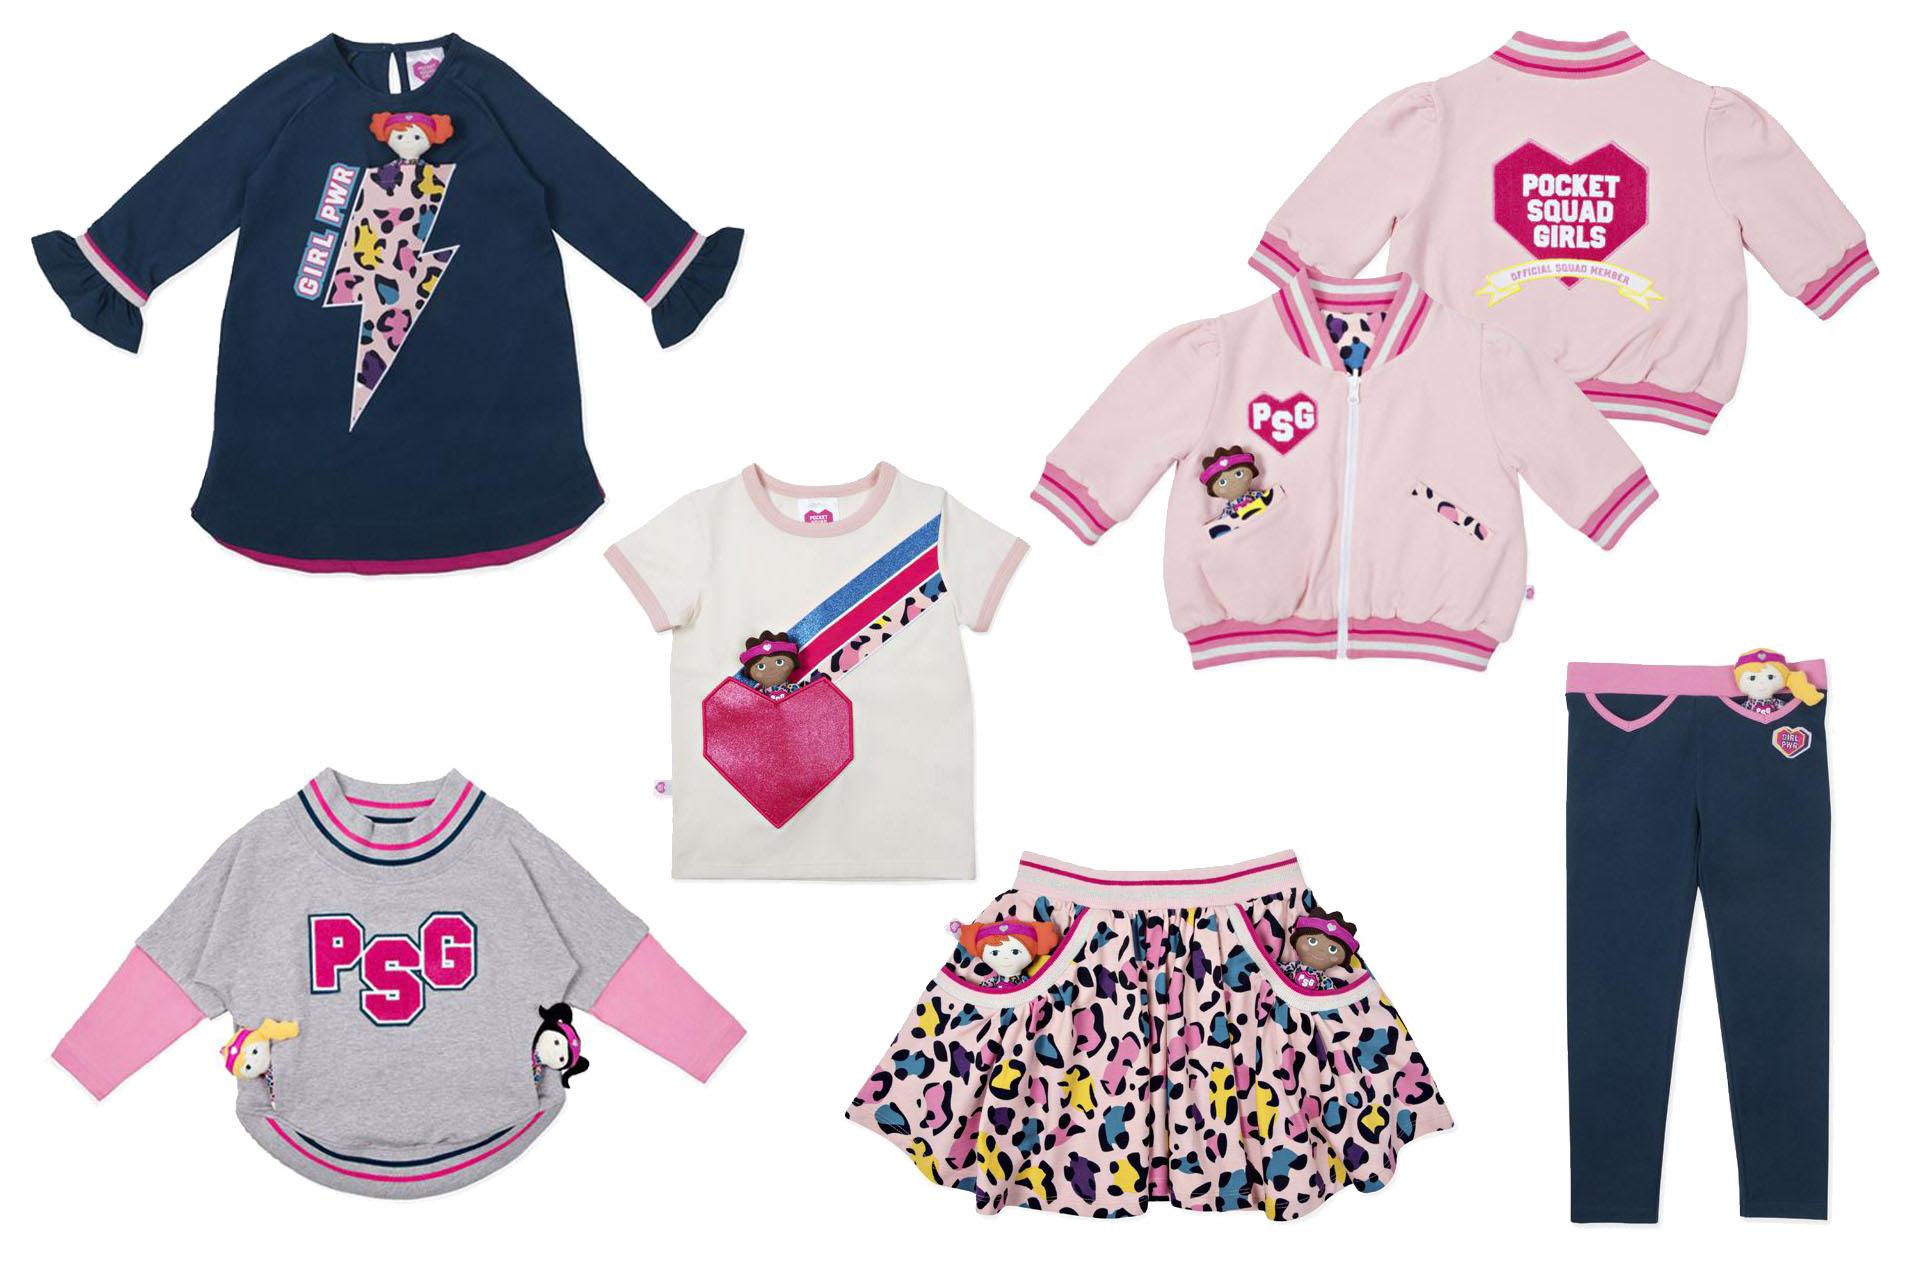 Pocket Squad Girls Clothing Range